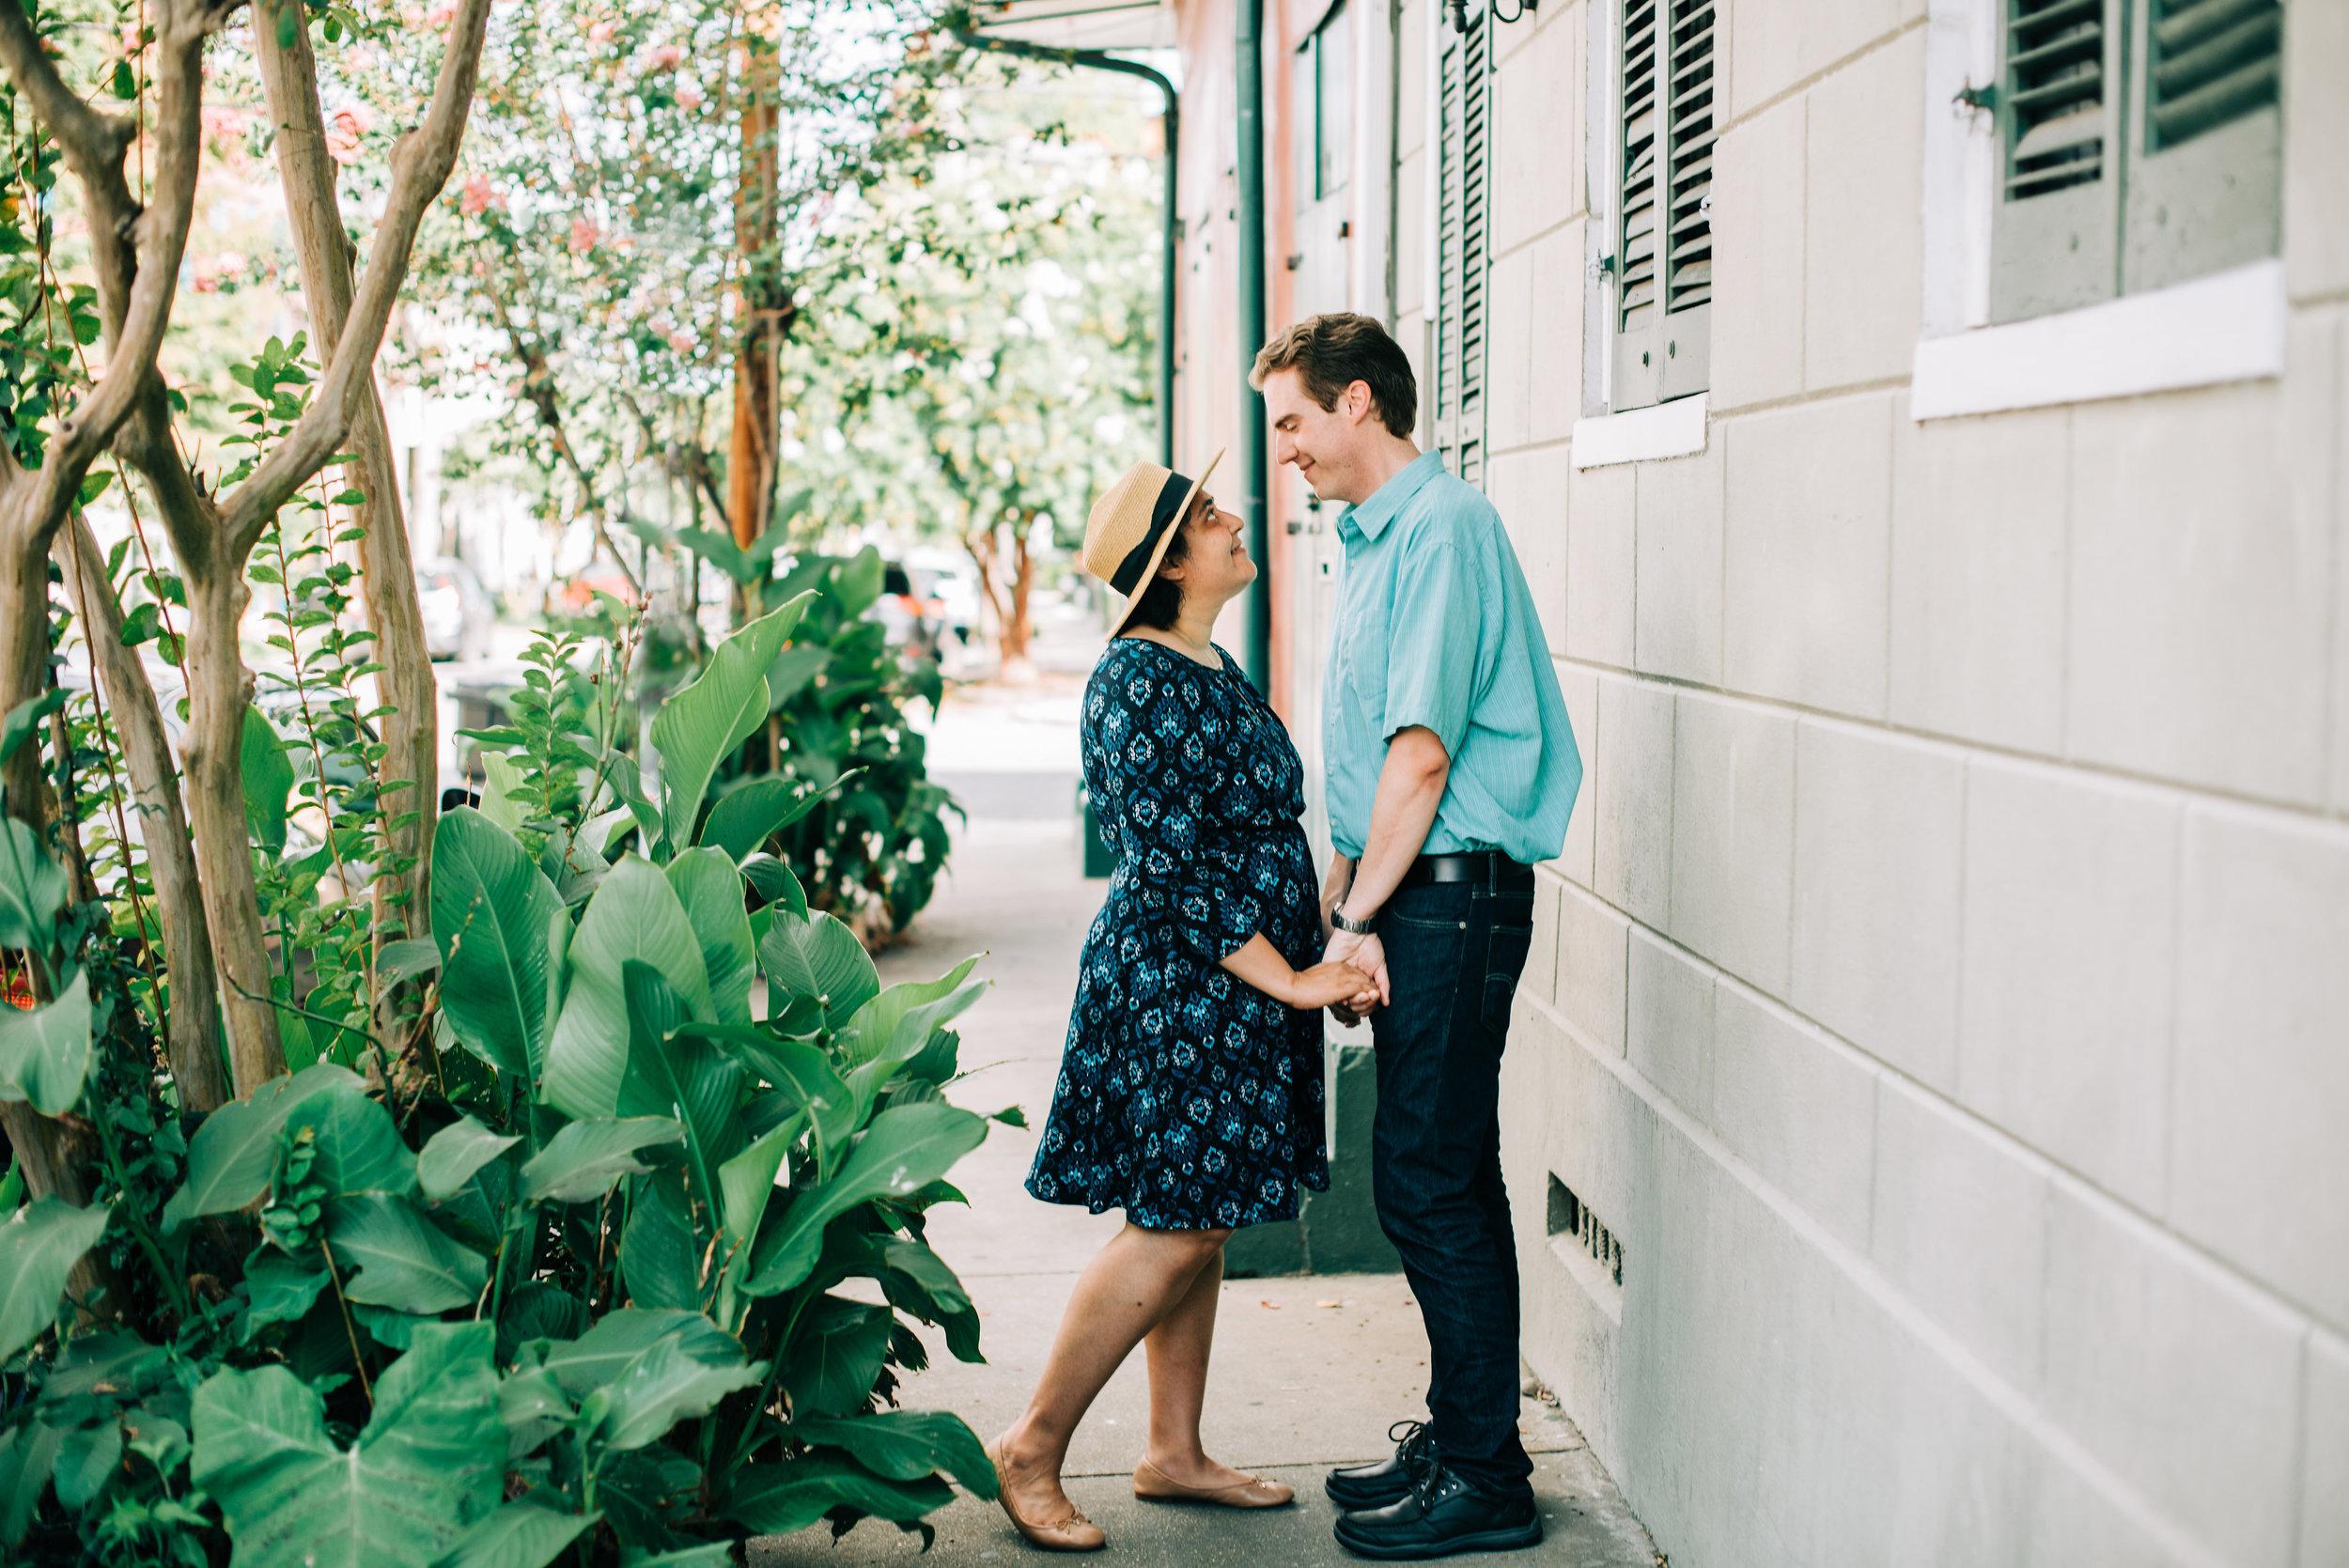 French-Quarter-Couples-Shoot-NewOrleans-5145-Edit.jpg